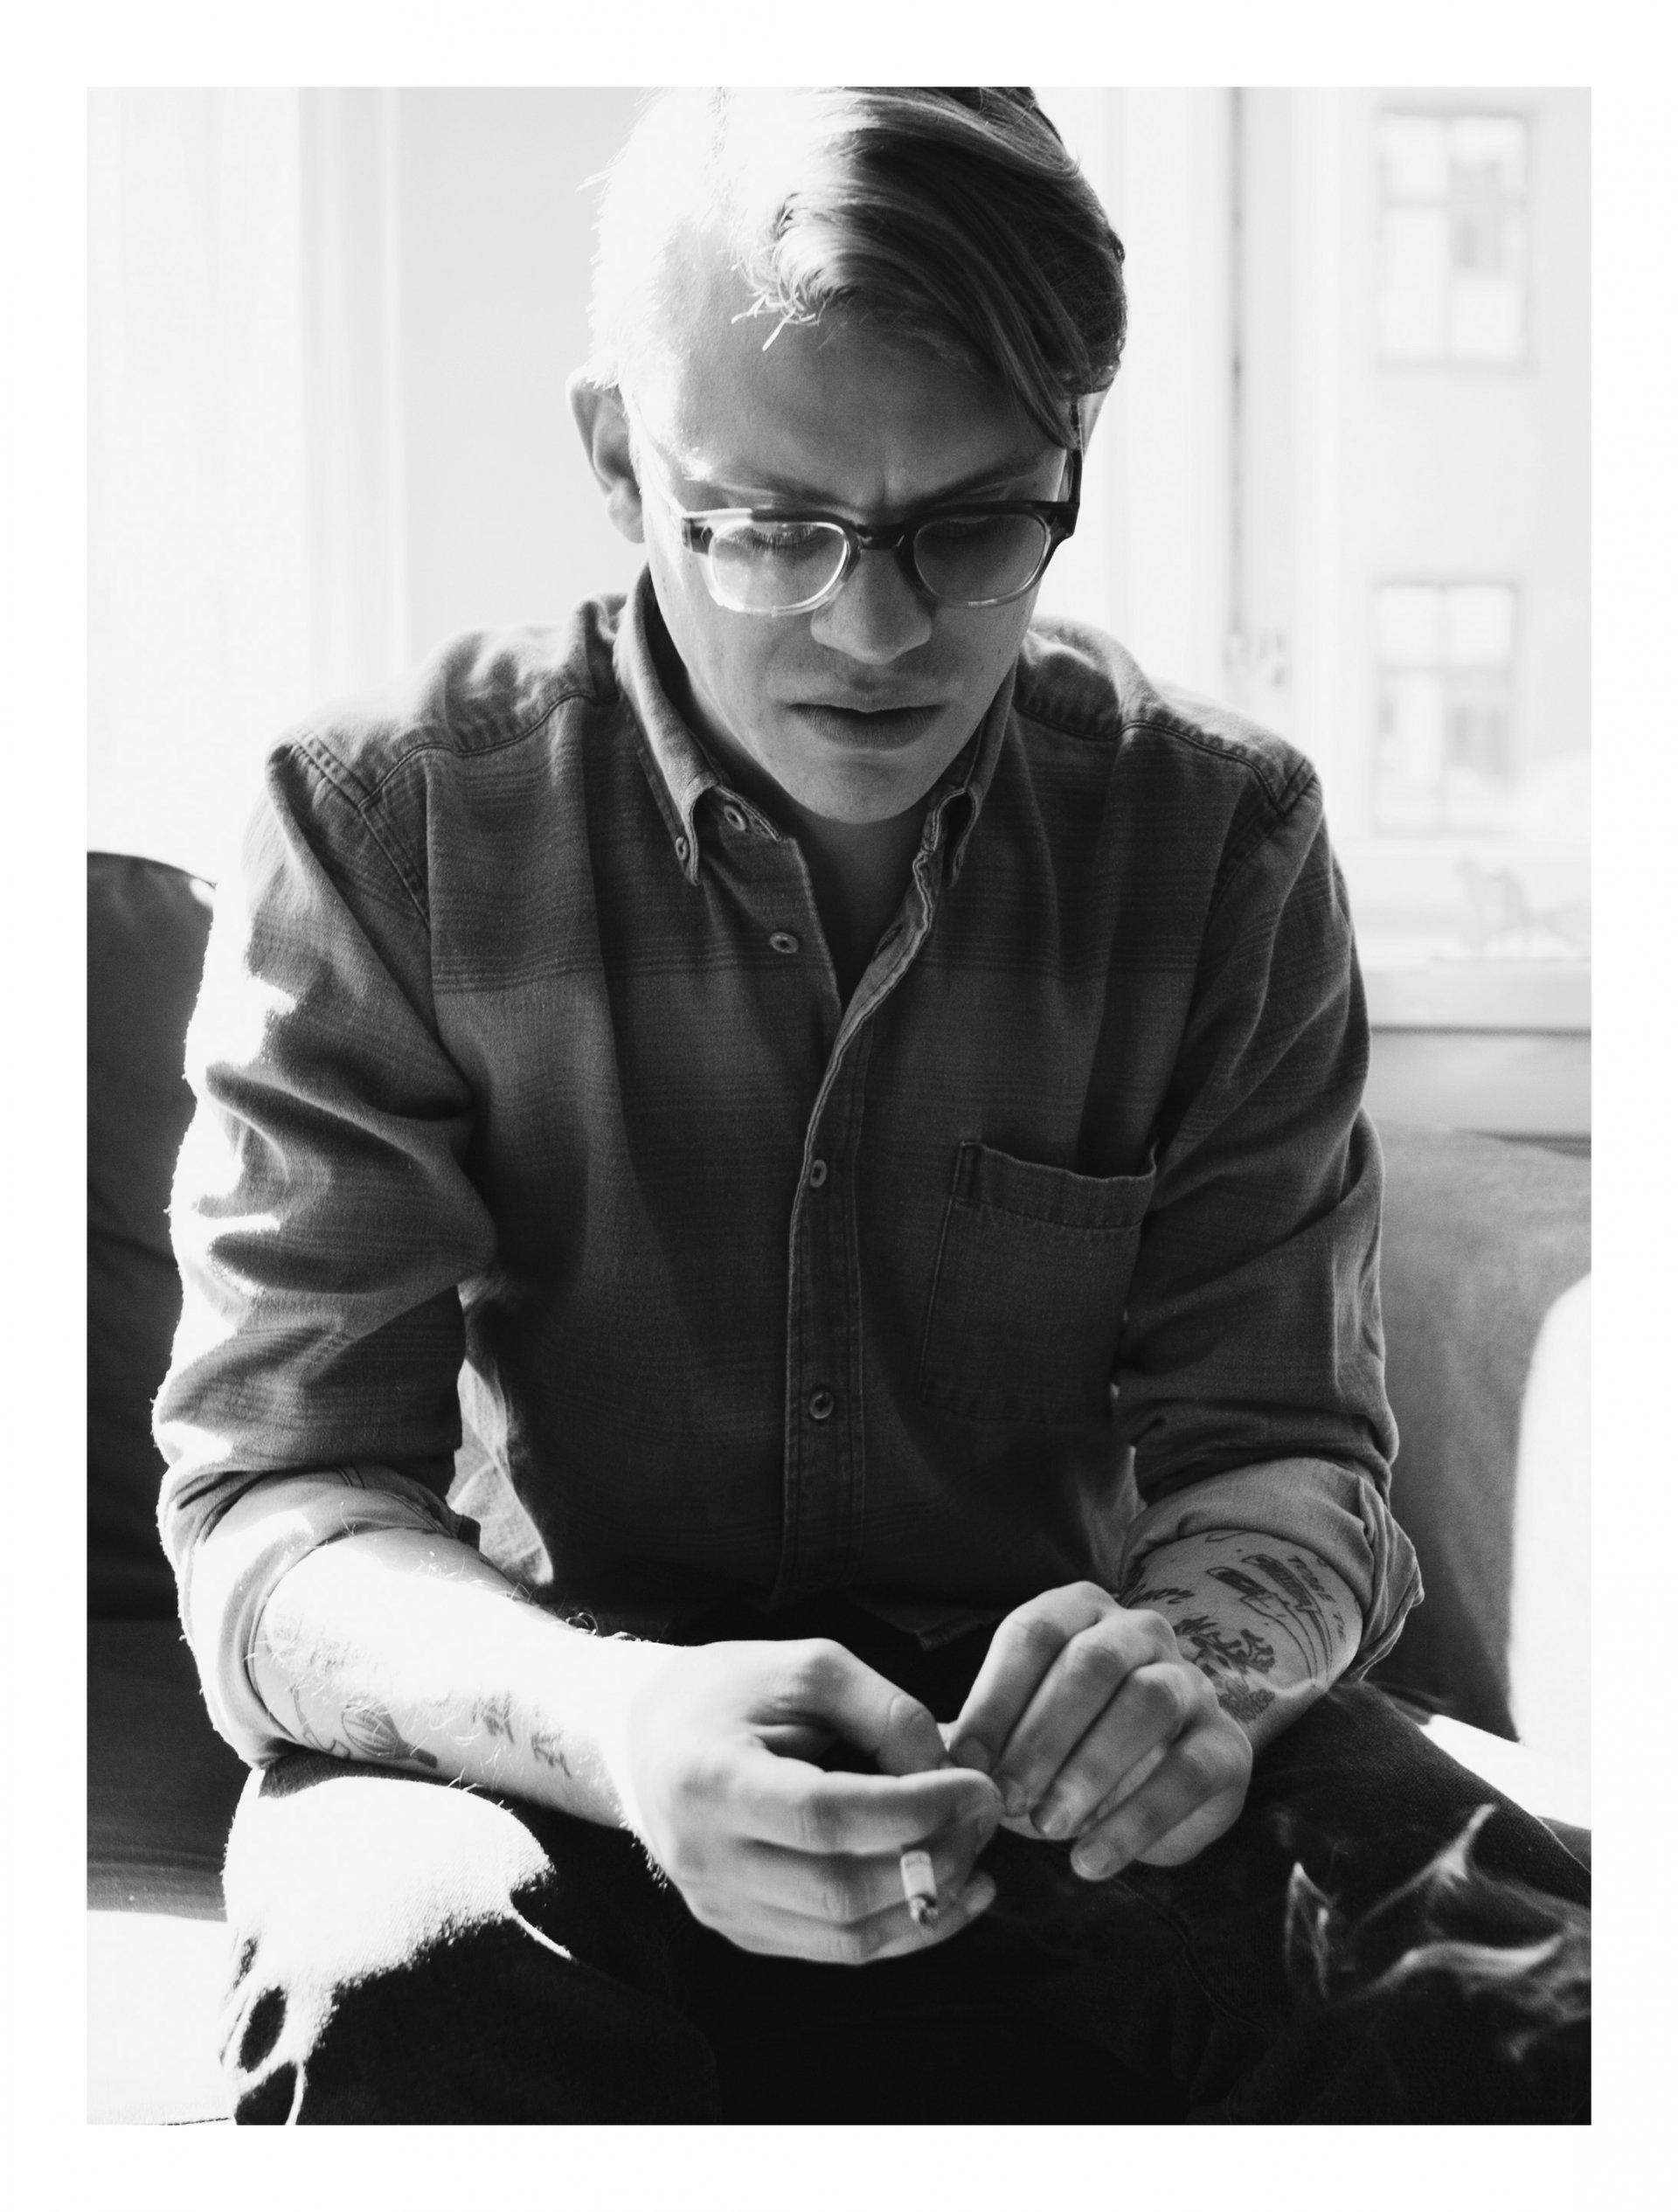 NYLON – TONY CEDERTEG STUDIO MAGNUS KLACKENSTAM